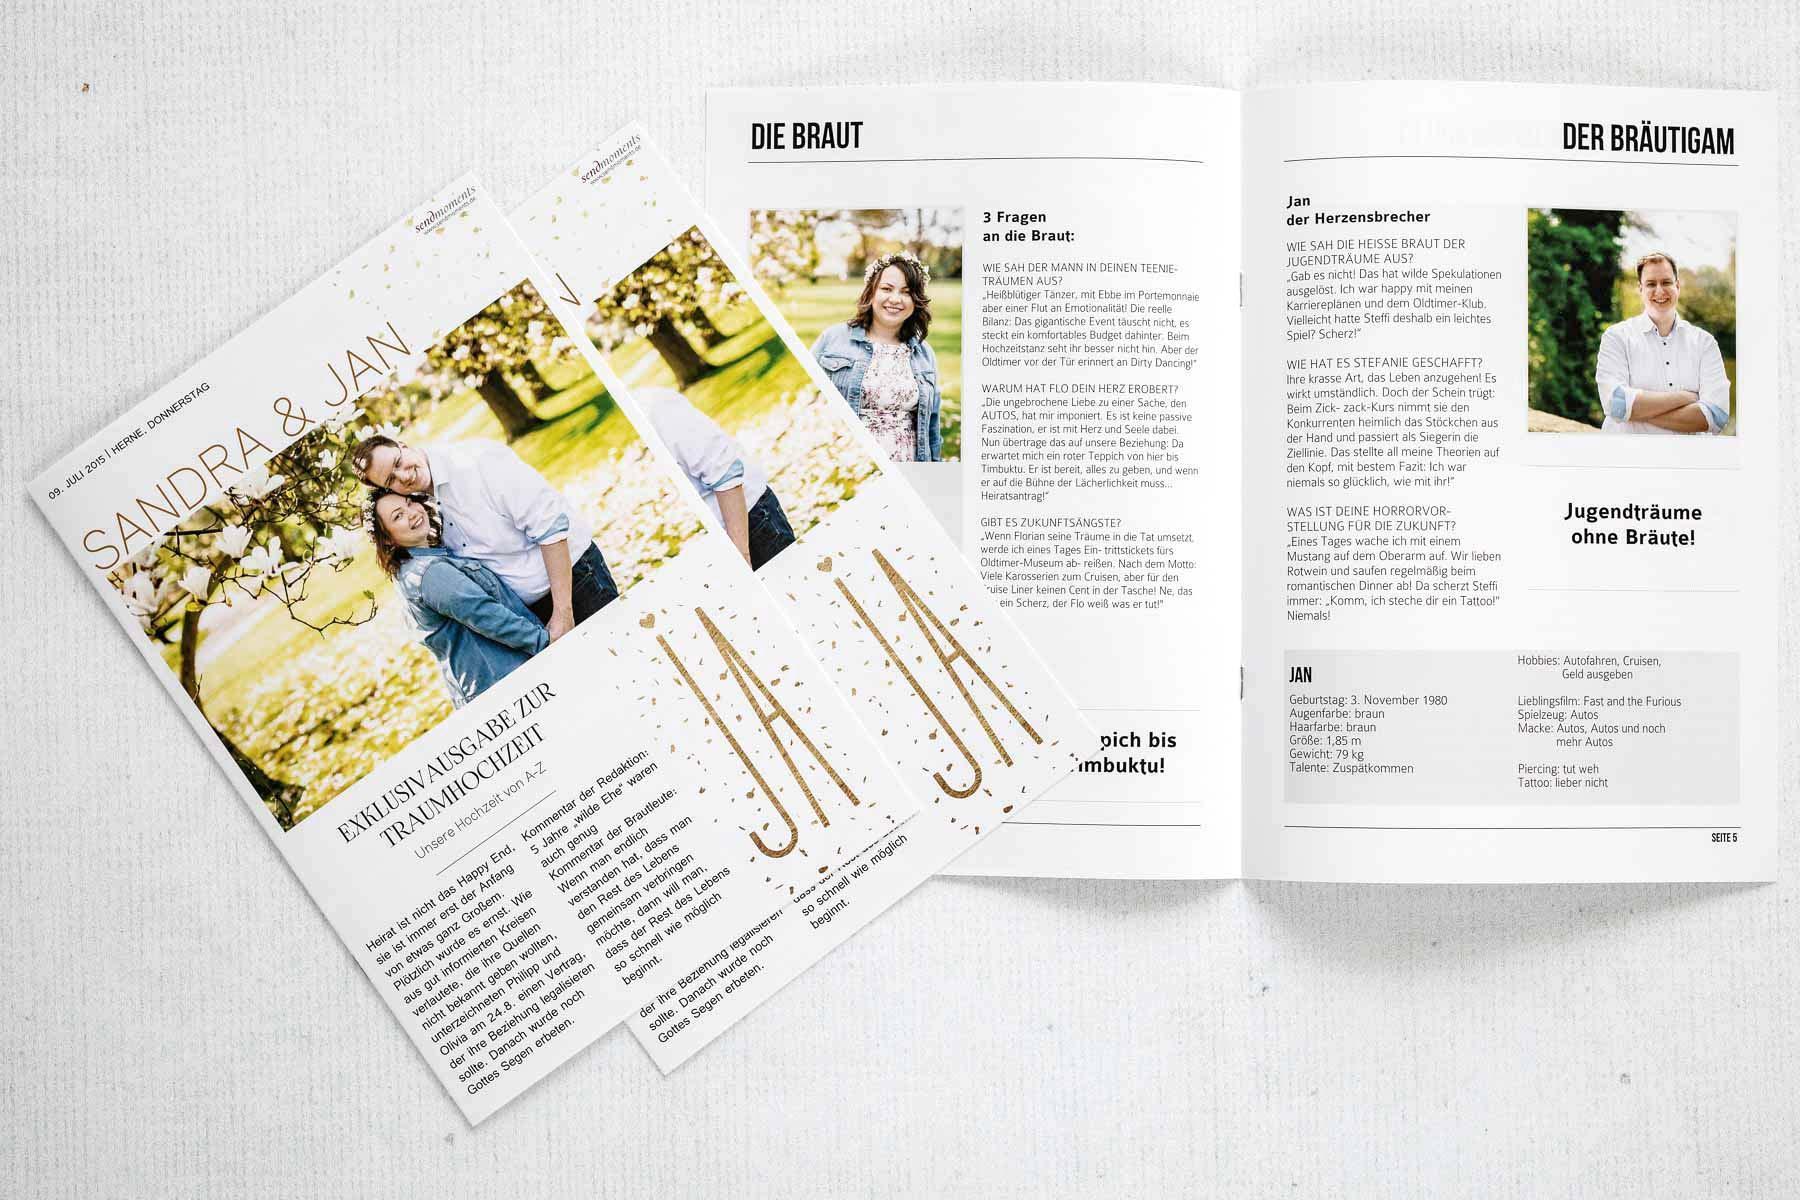 Hochzeitszeitung: Alles was ihr zur Zeitung für die Hochzeit wissen müsst